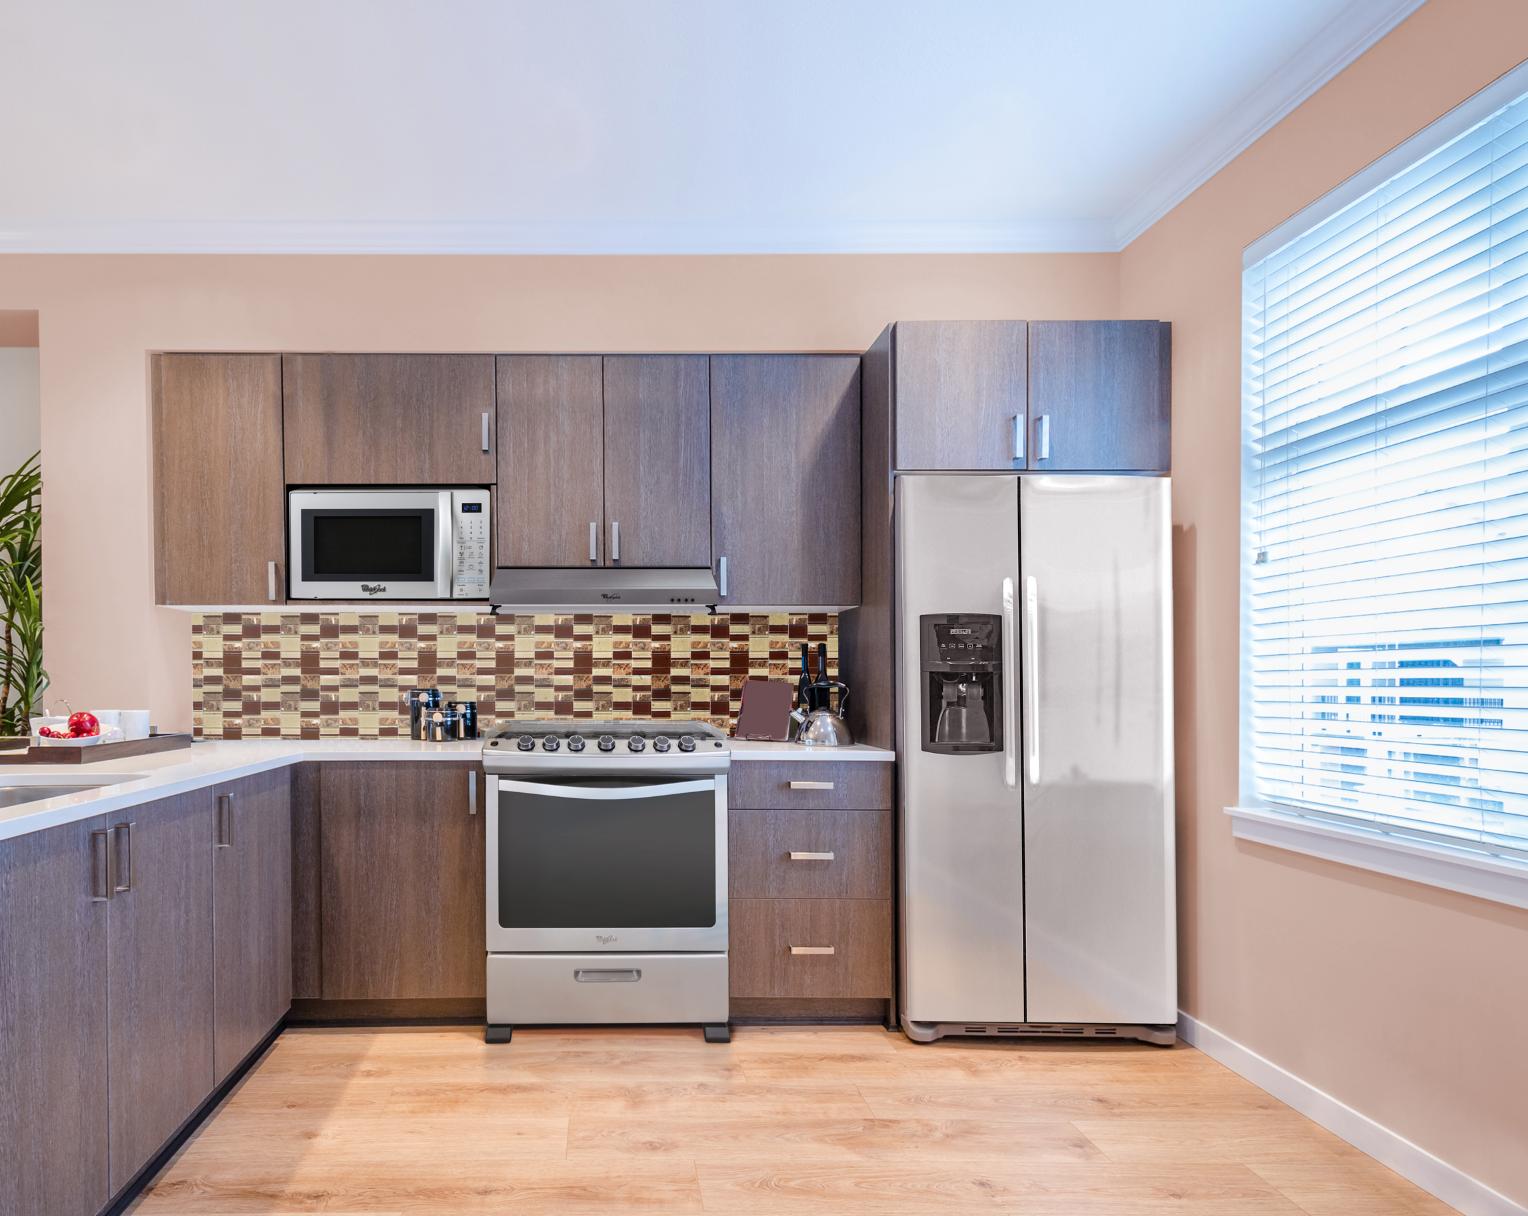 Cambiar tu cocina te ayudar a disfrutar m s tu hogar - Cambiar chicles cocina ...